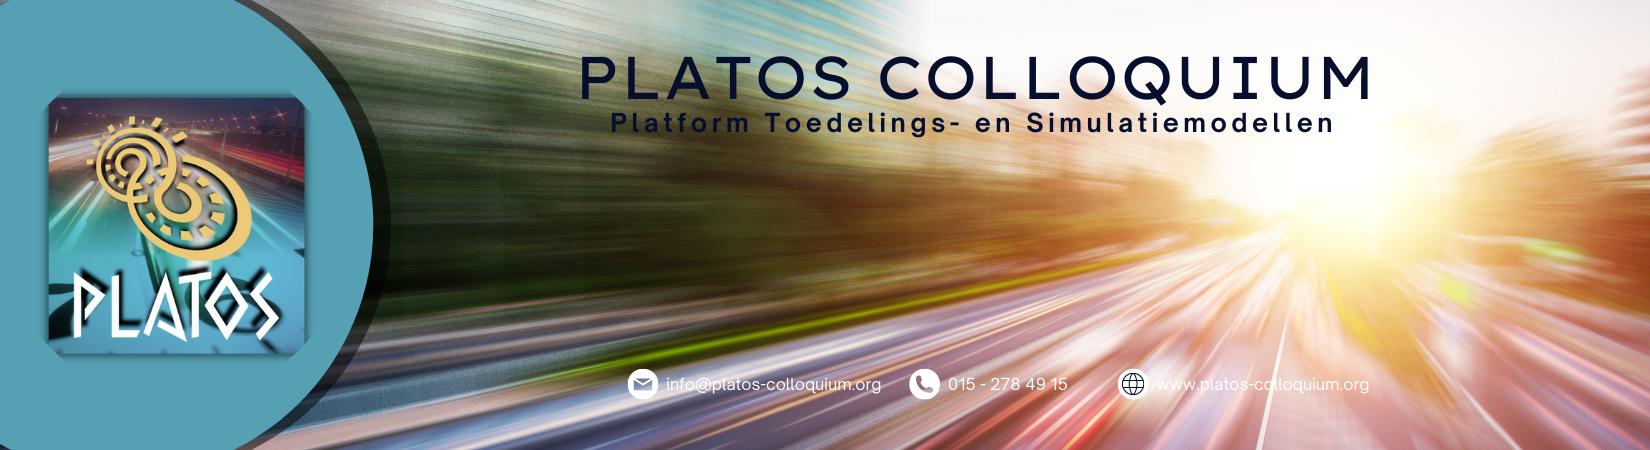 https://www.platos-colloquium.org